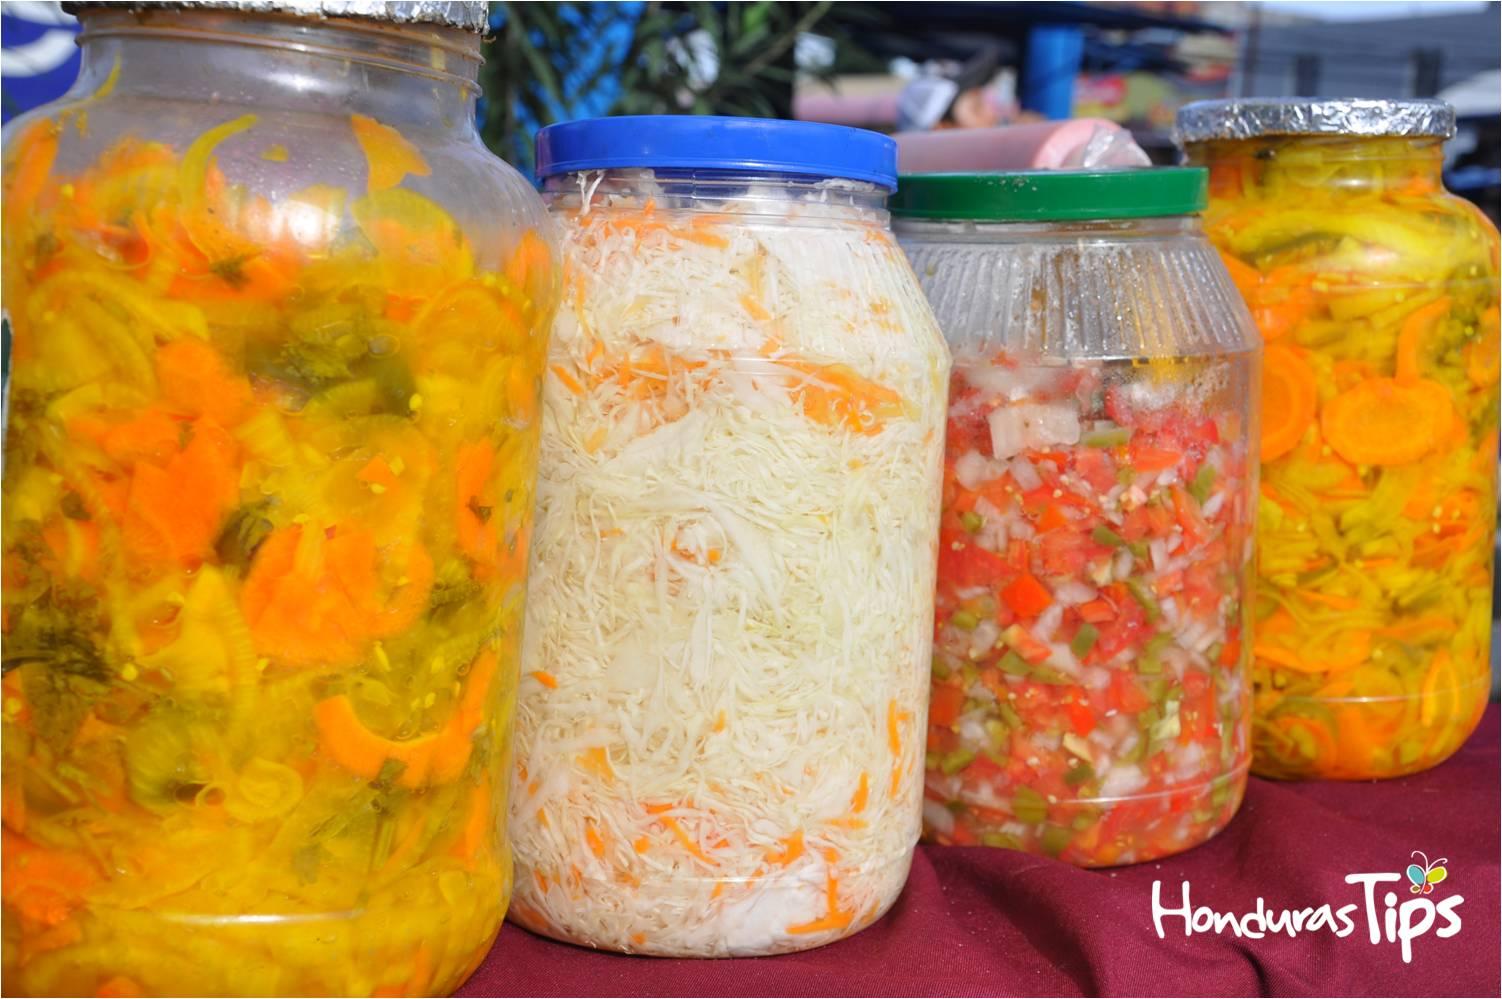 Receta repollo rojo una delicia en su cocina honduras tips - Encurtido de zanahoria ...